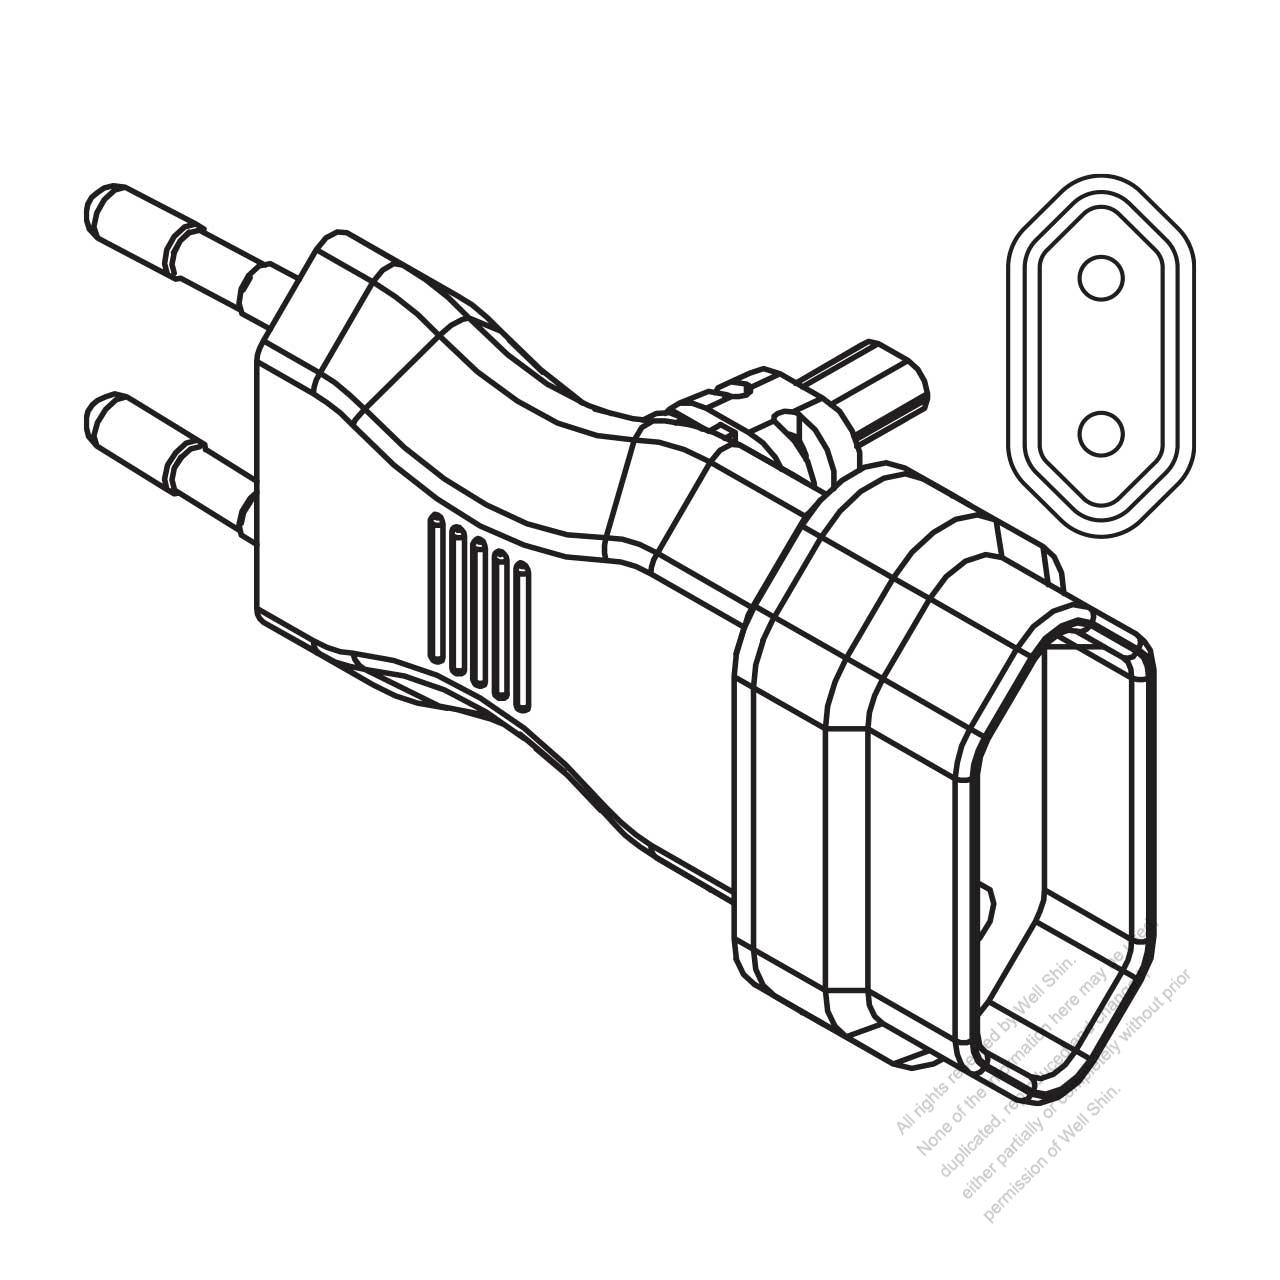 germany 2 pin t shape ac plug 2 5a 10a 250v well shin technology Steel T Shapes germany 2 pin t shape ac plug 2 5a 10a 250v